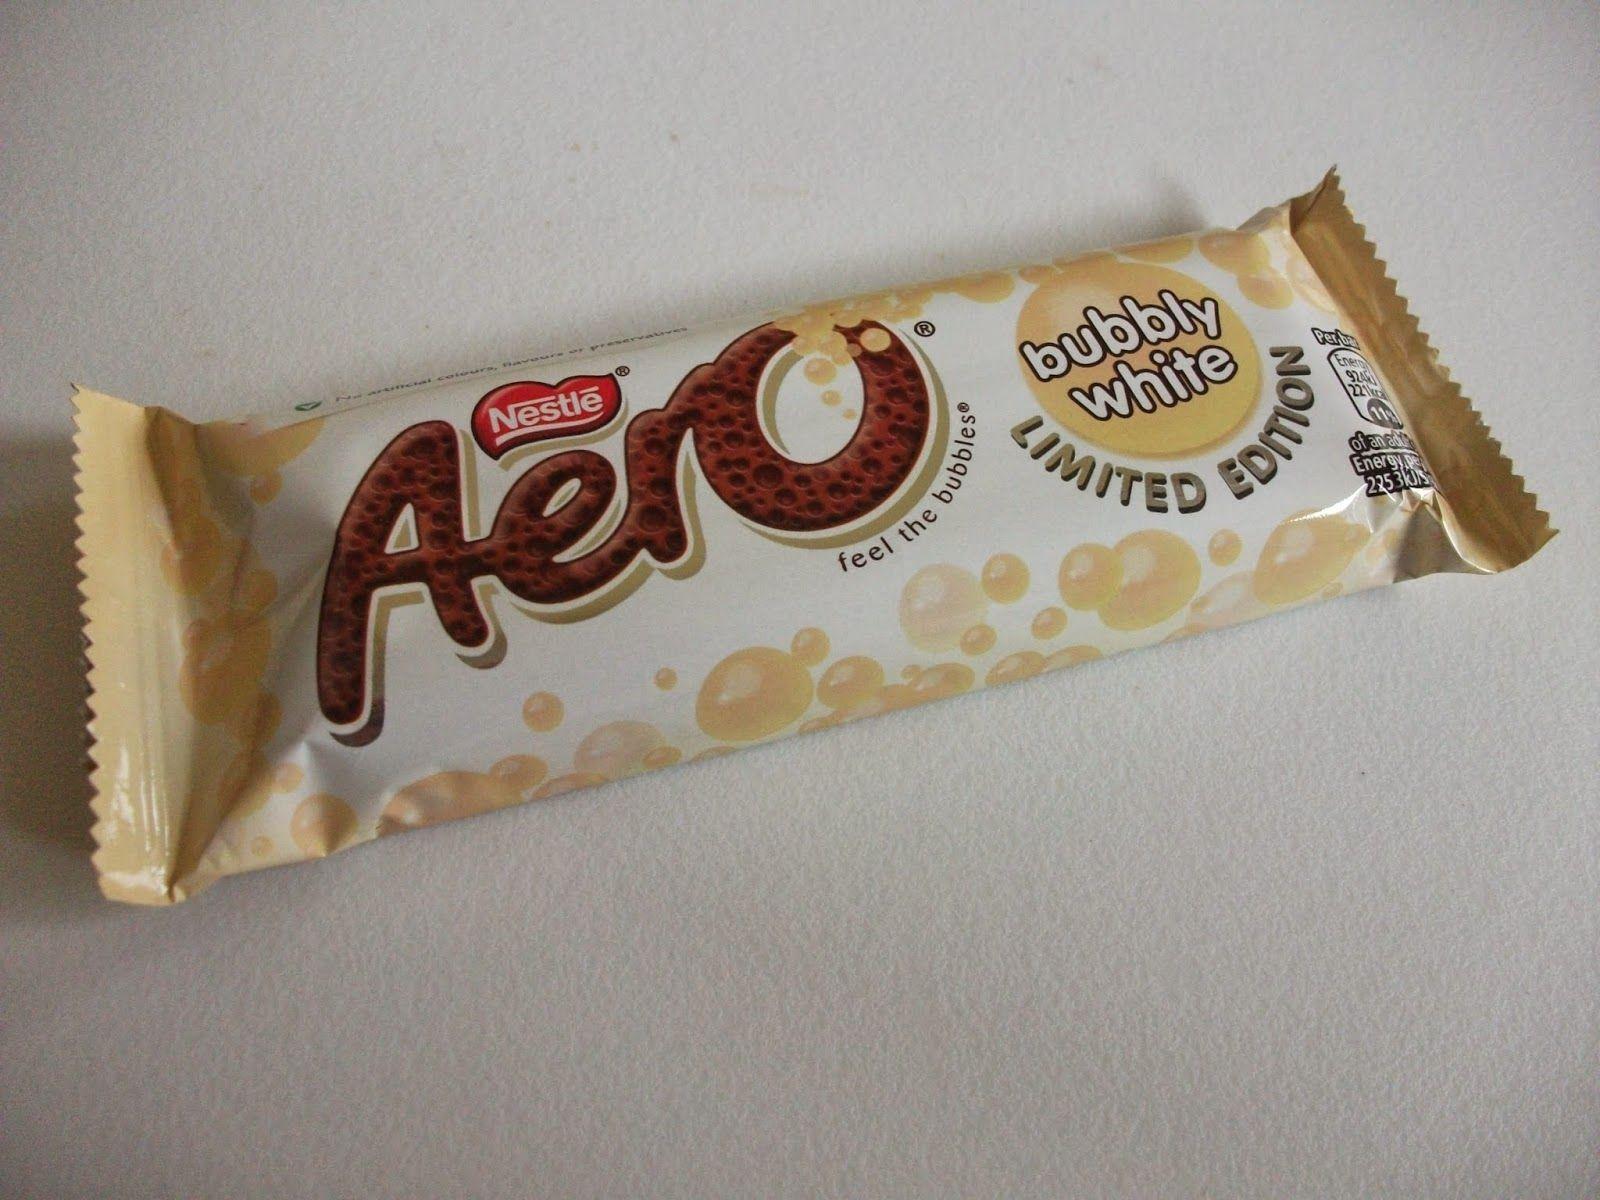 Aero Chocolate Nestlé Aero Bubbly White Chocolate Bar